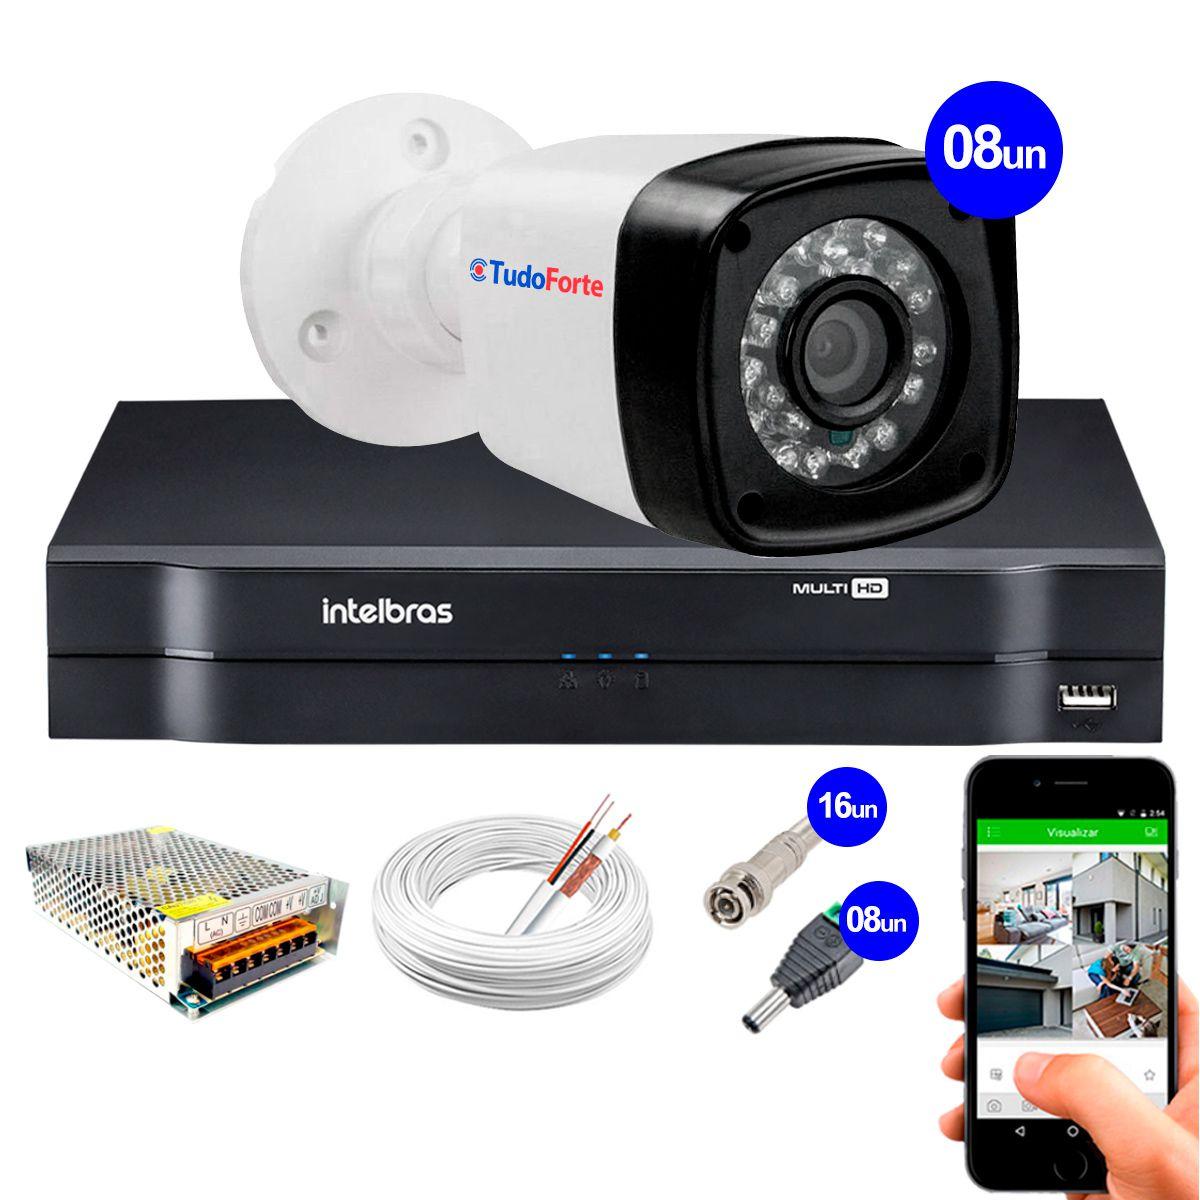 Kit 8 Câmeras + DVR Intelbras + App Grátis de Monitoramento, Câmeras HD 720p 20m Infravermelho de Visão Noturna + Fonte, Cabos e Acessórios  - Tudo Forte